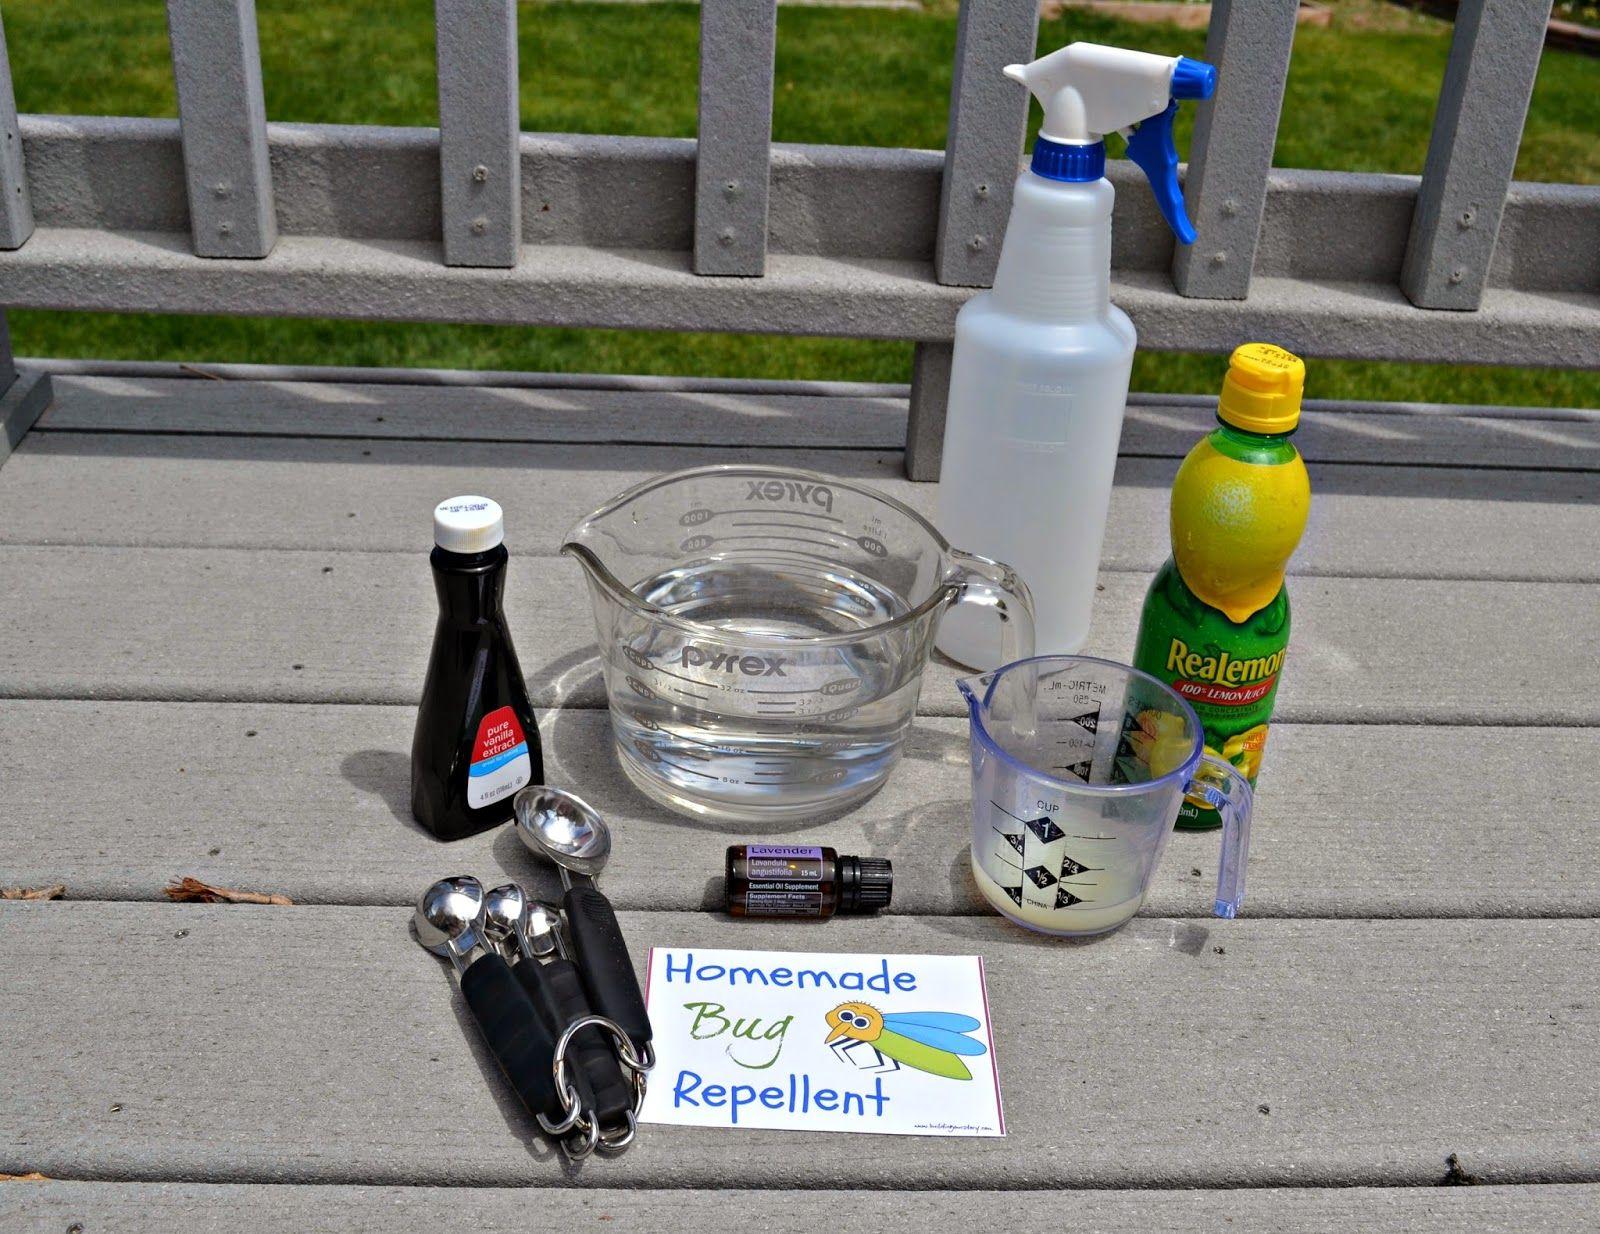 How to Make Homemade Bug Repellent DIY Homemade bug